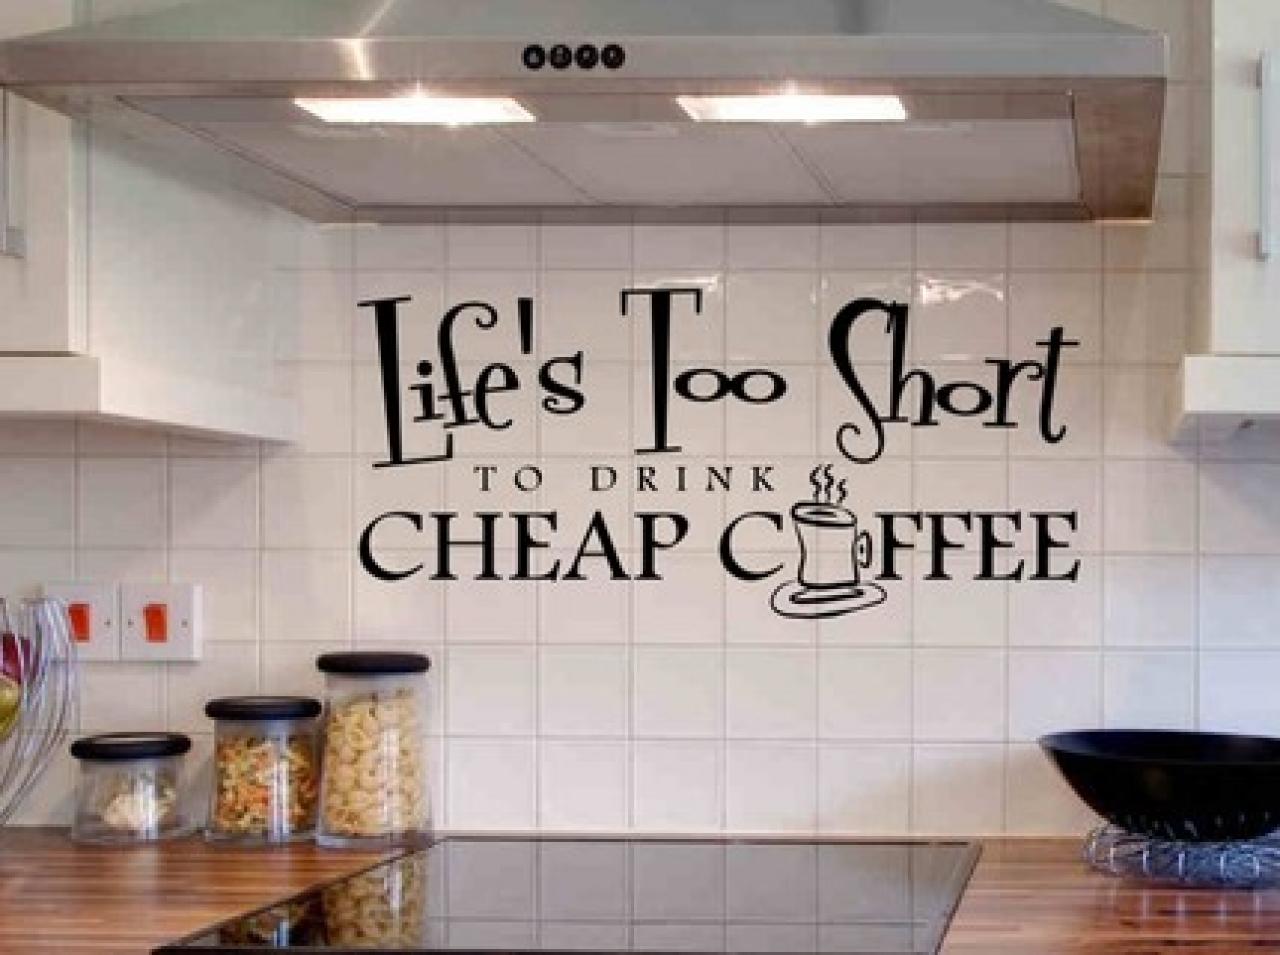 Interior Design Quotes Funny. QuotesGram